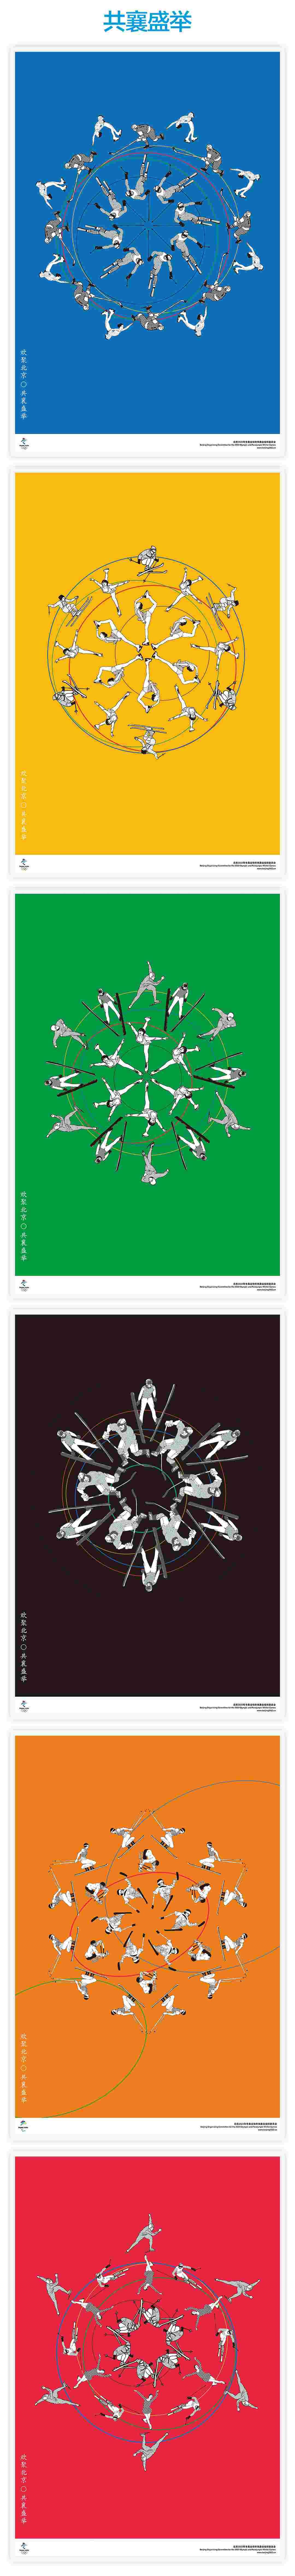 北京2022年冬奥会和冬残奥会宣传海报正式发布,多组美图供收藏!